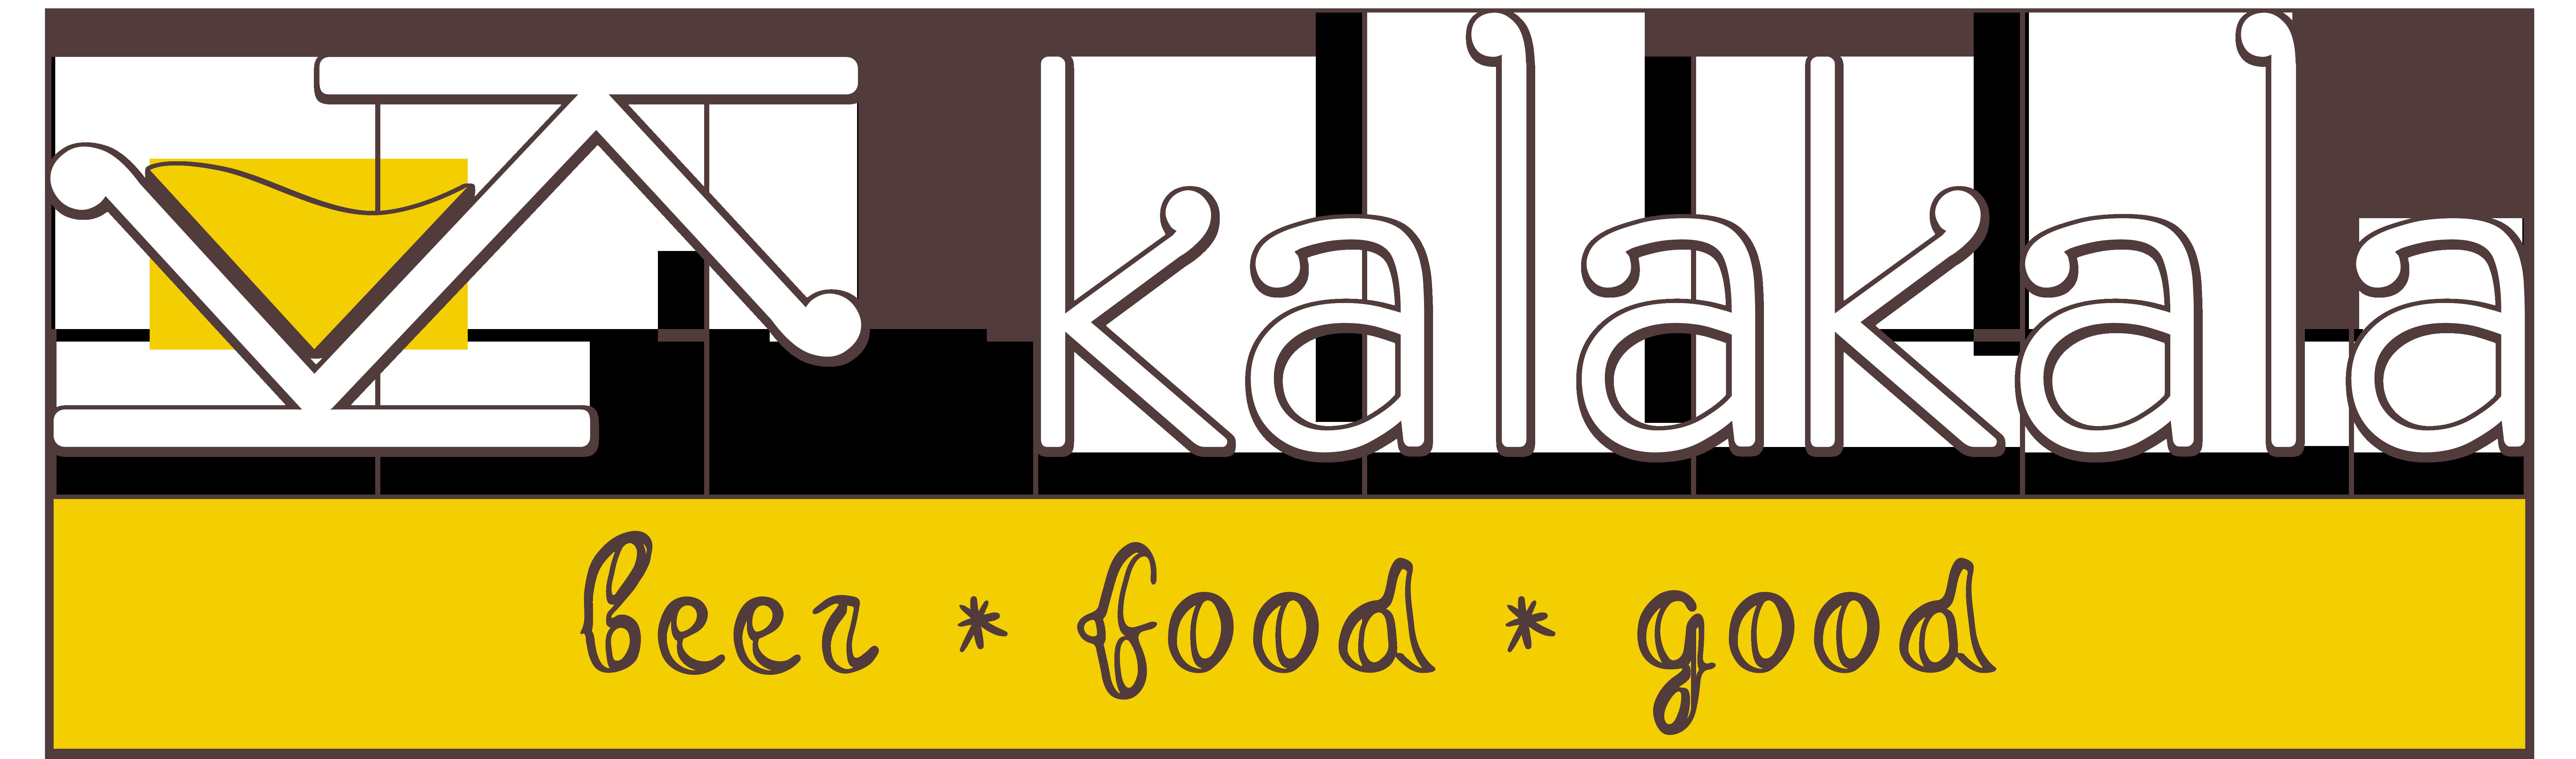 KalaKala   Beer * Food * Good